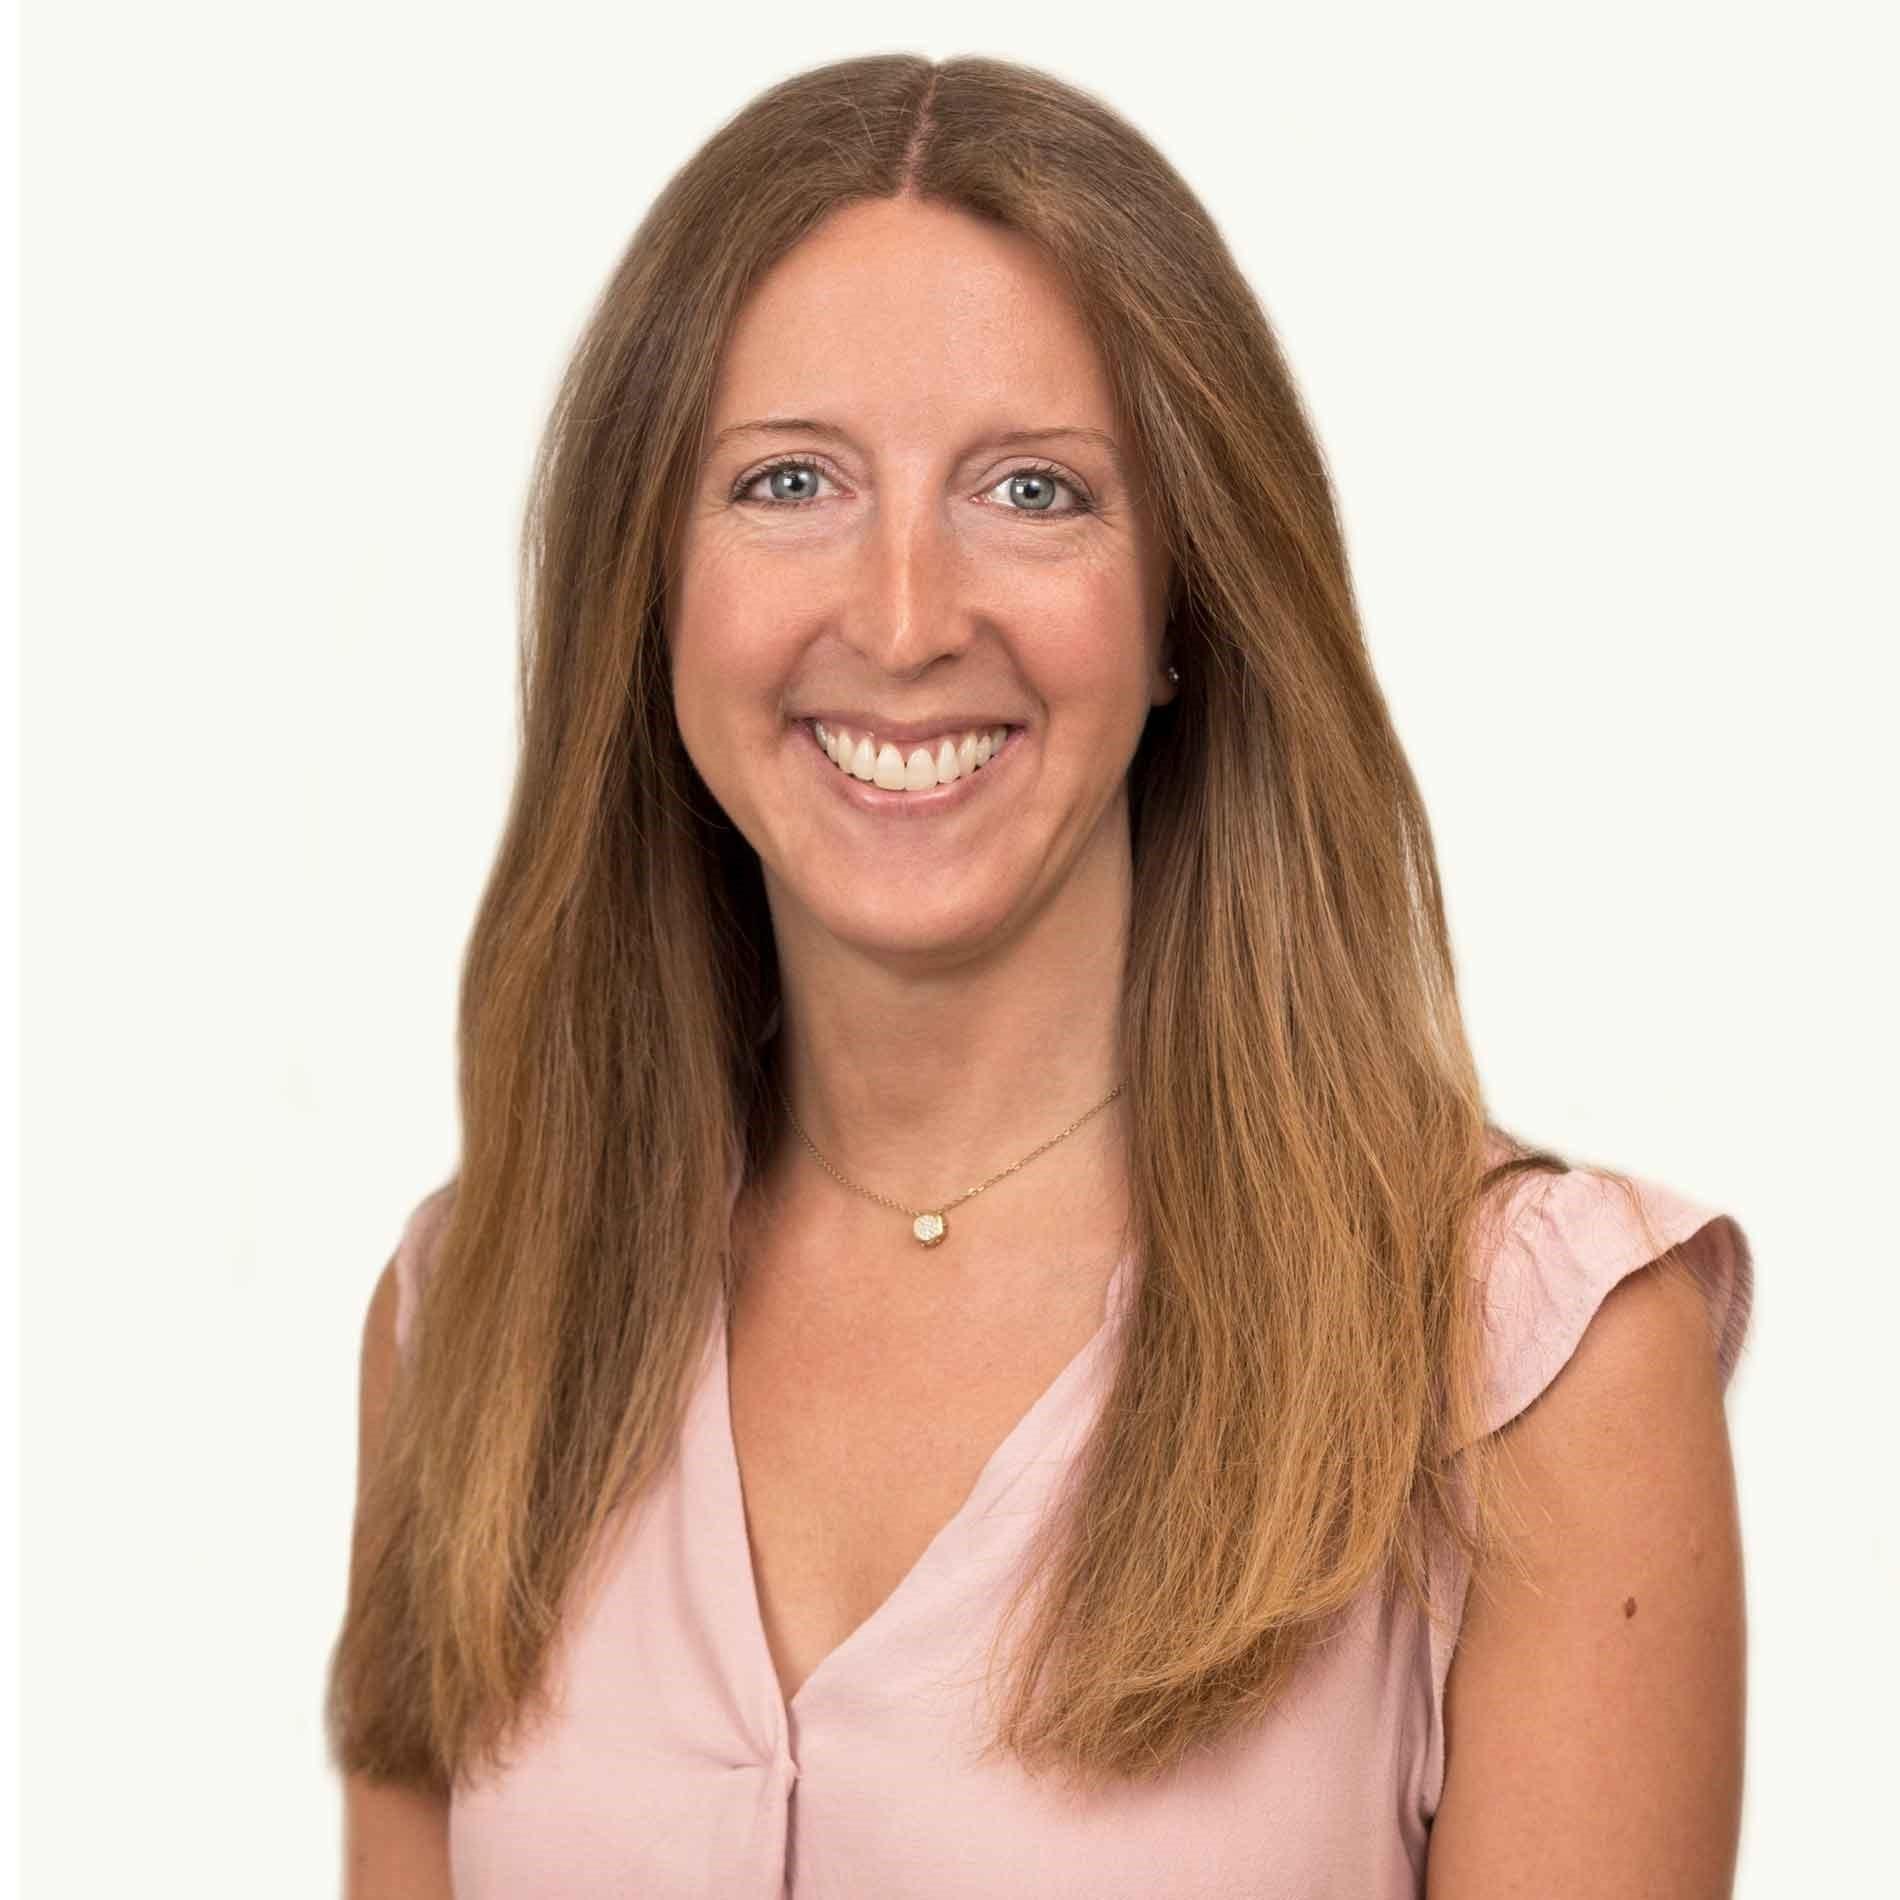 Kathy Wheddon